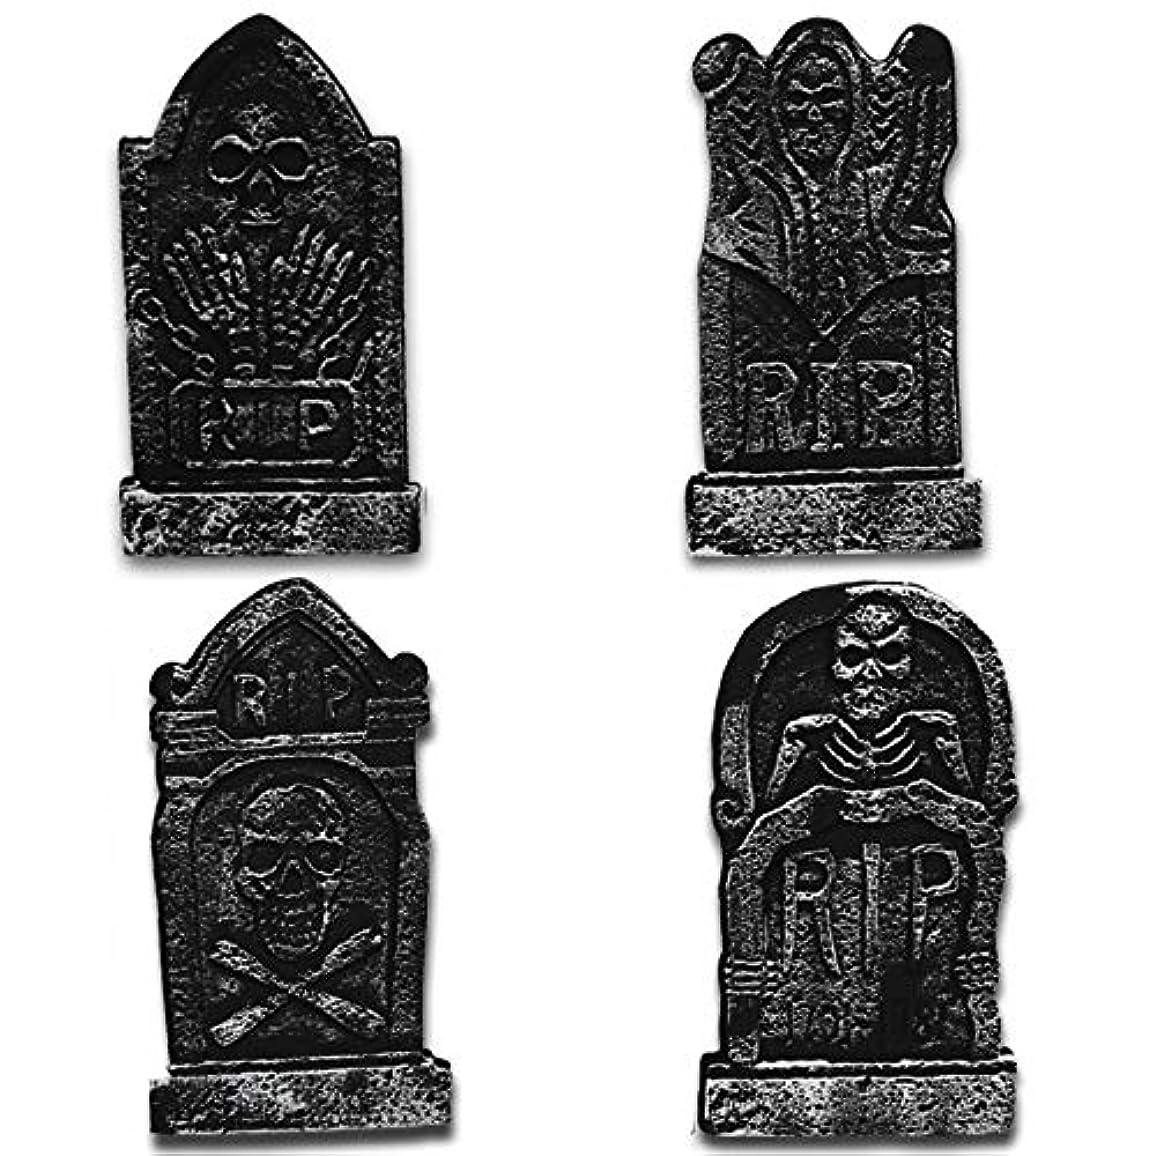 代理人売るチャームETRRUU HOME 4ピース三次元墓石ハロウィーン装飾バーお化け屋敷の秘密の部屋怖い装飾パーティー雰囲気レイアウト小道具